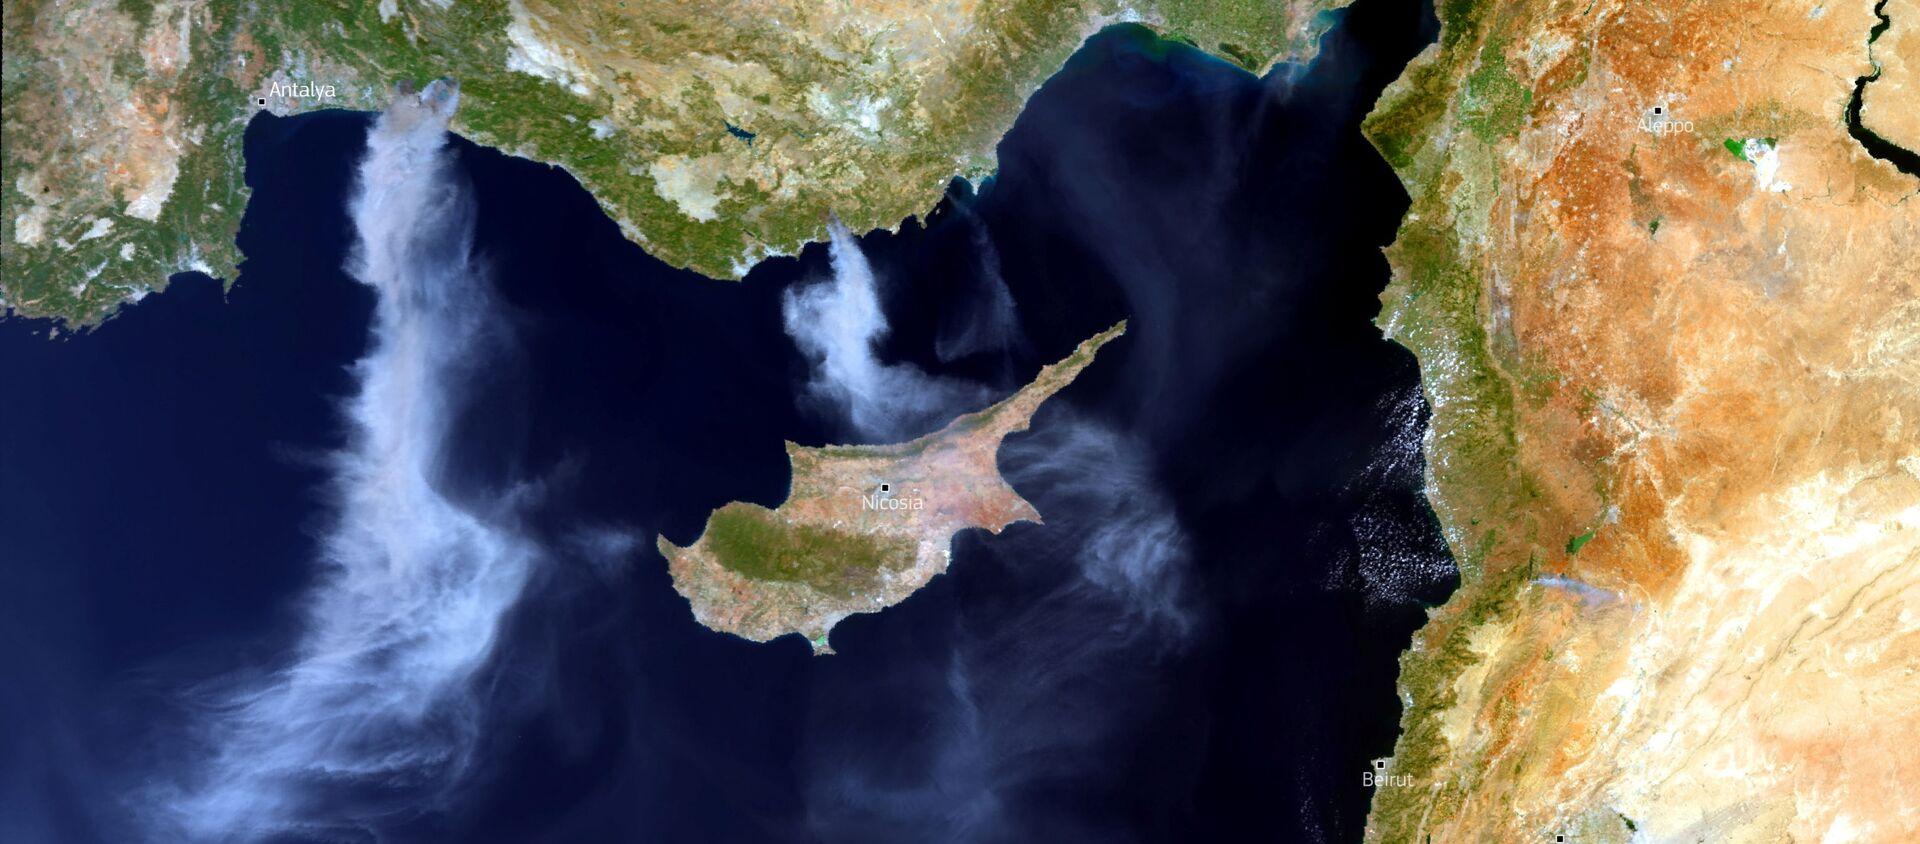 Hình ảnh vệ tinh về cháy rừng ở Thổ Nhĩ Kỳ - Sputnik Việt Nam, 1920, 02.08.2021